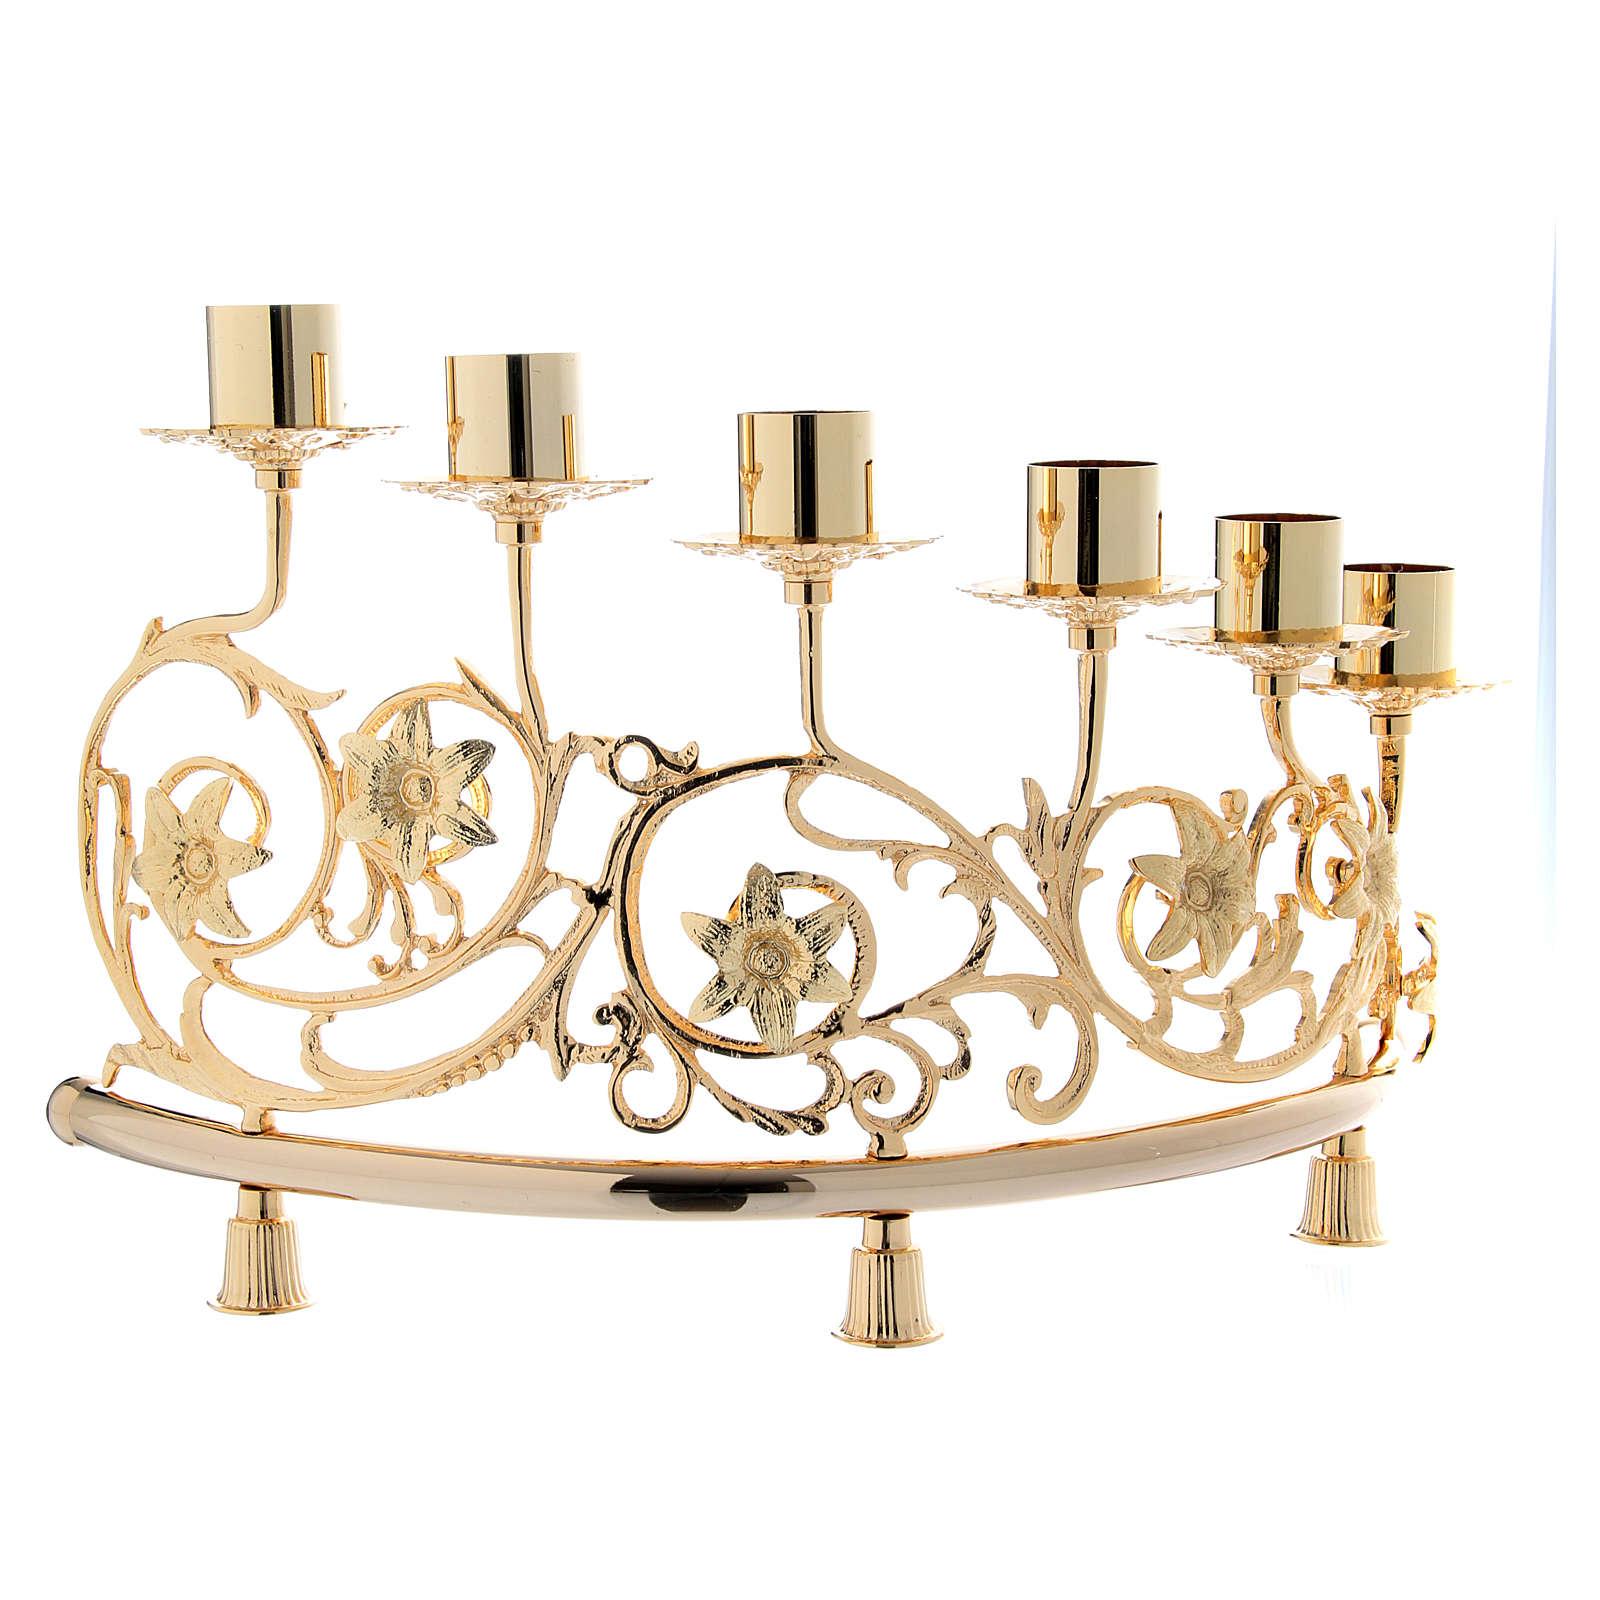 Coppia lumiera 6 bossoli ottone fuso 30x50 cm stile barocco 4